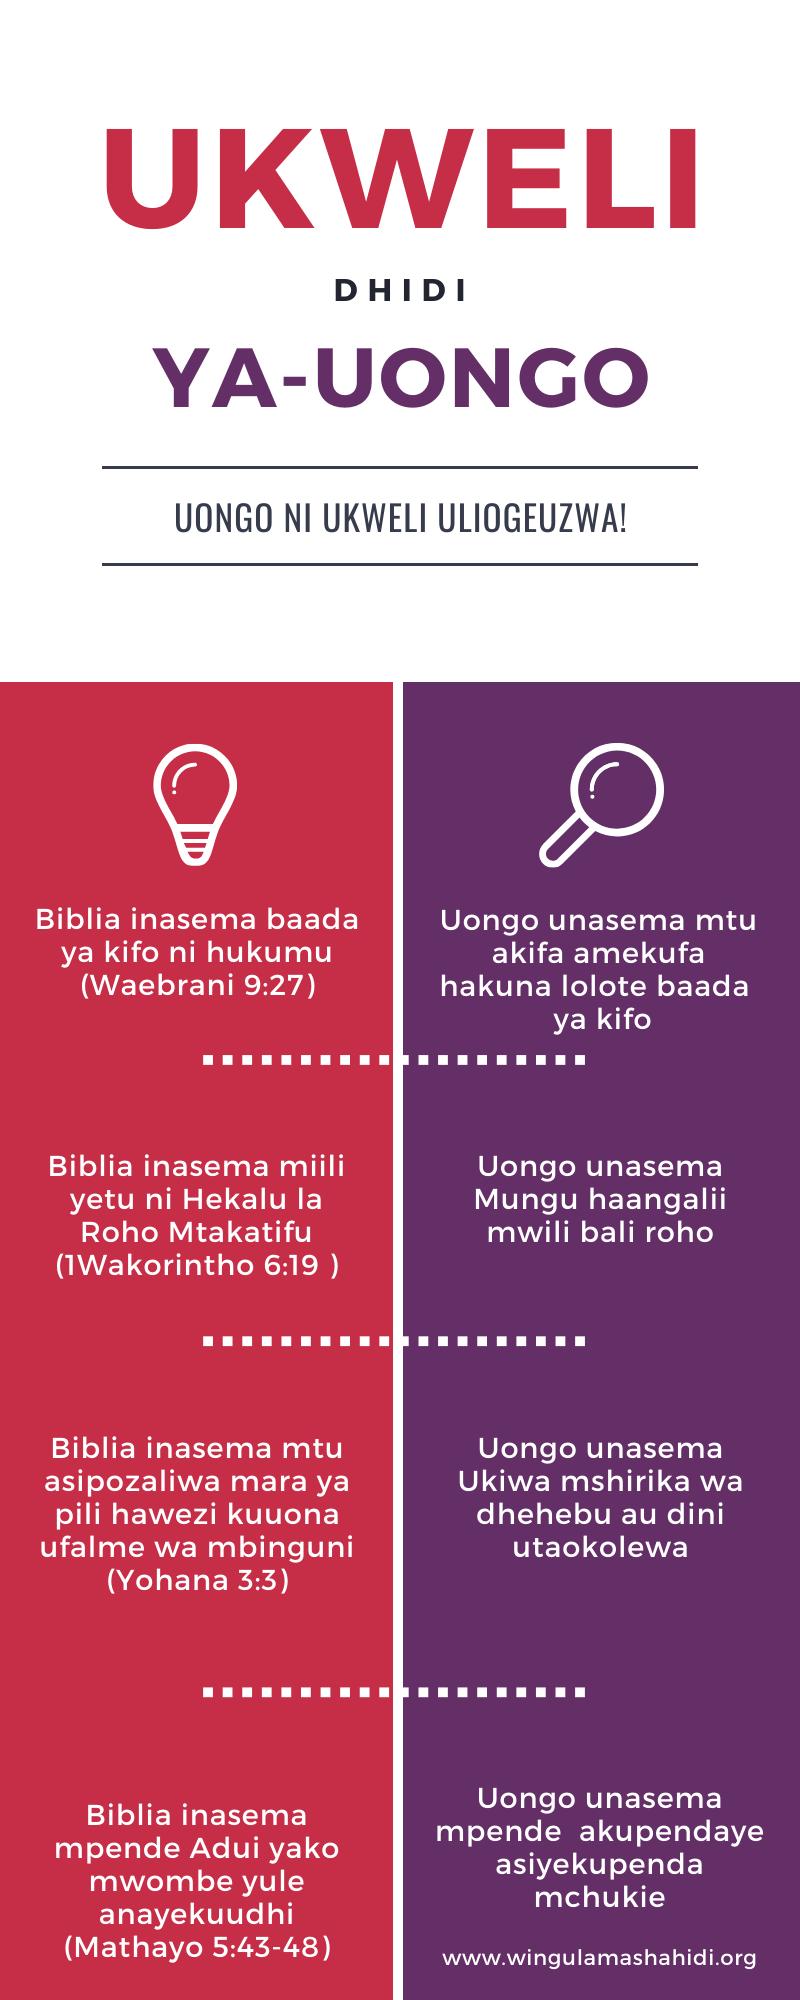 ukweli dhidi ya uongo